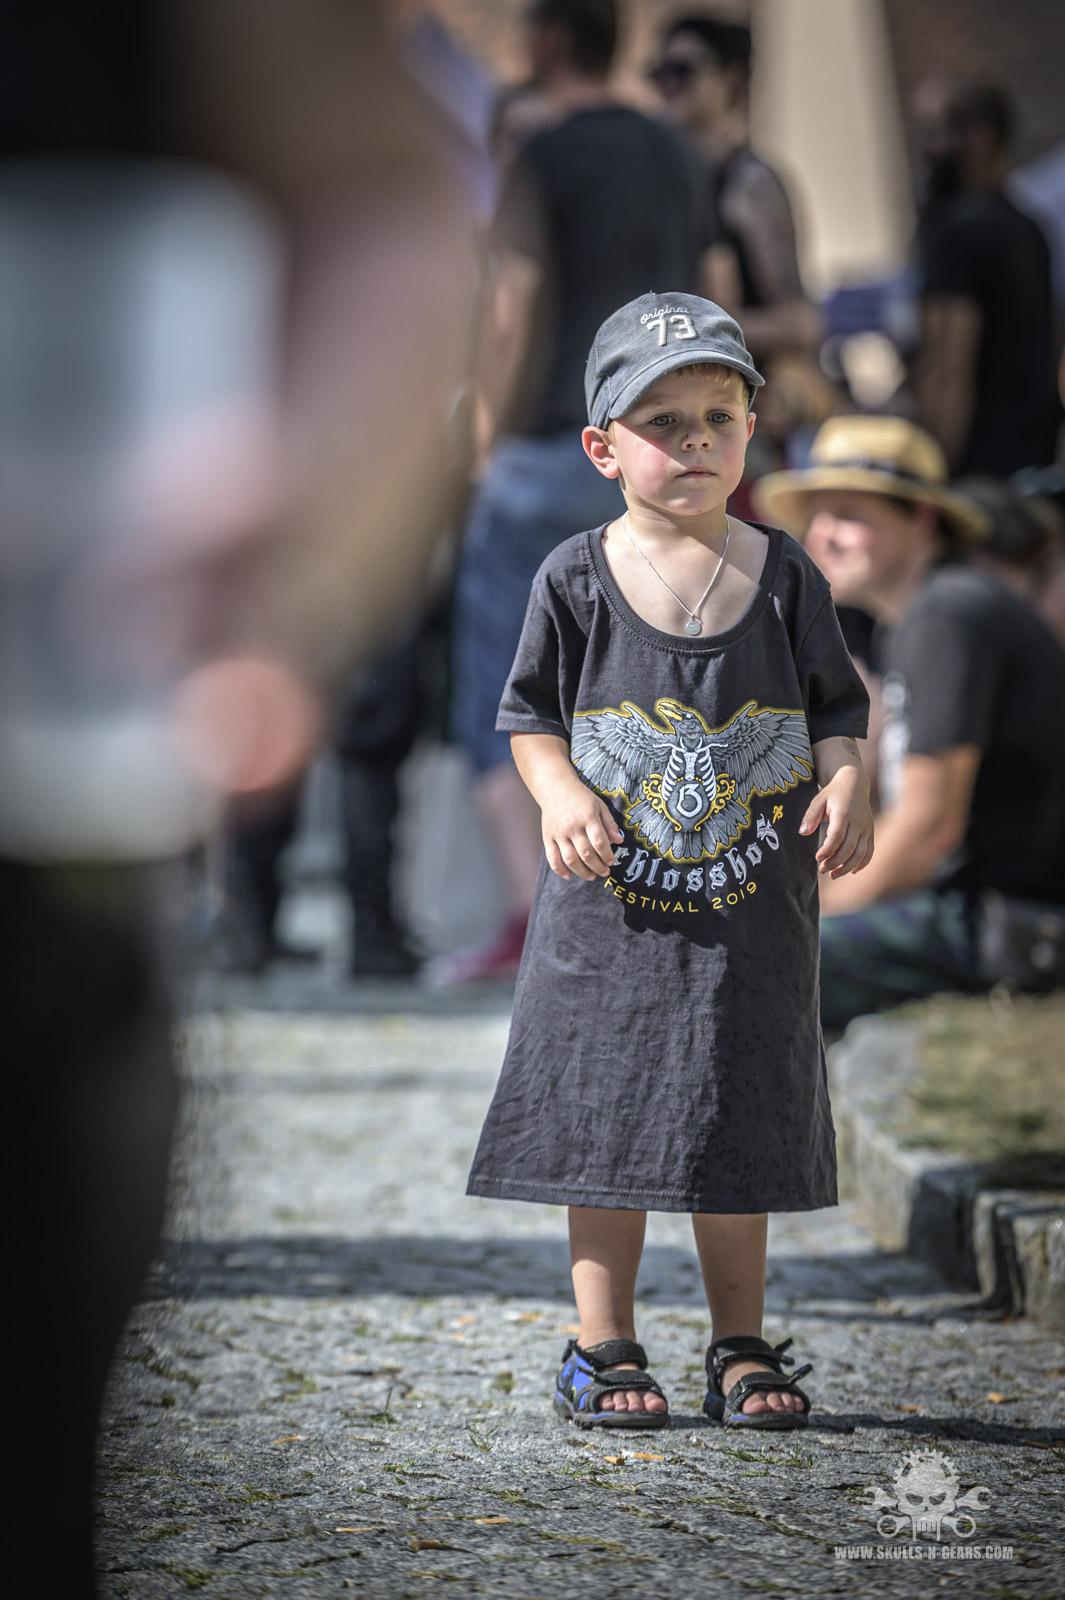 Schlosshof Festival - Besucher-45